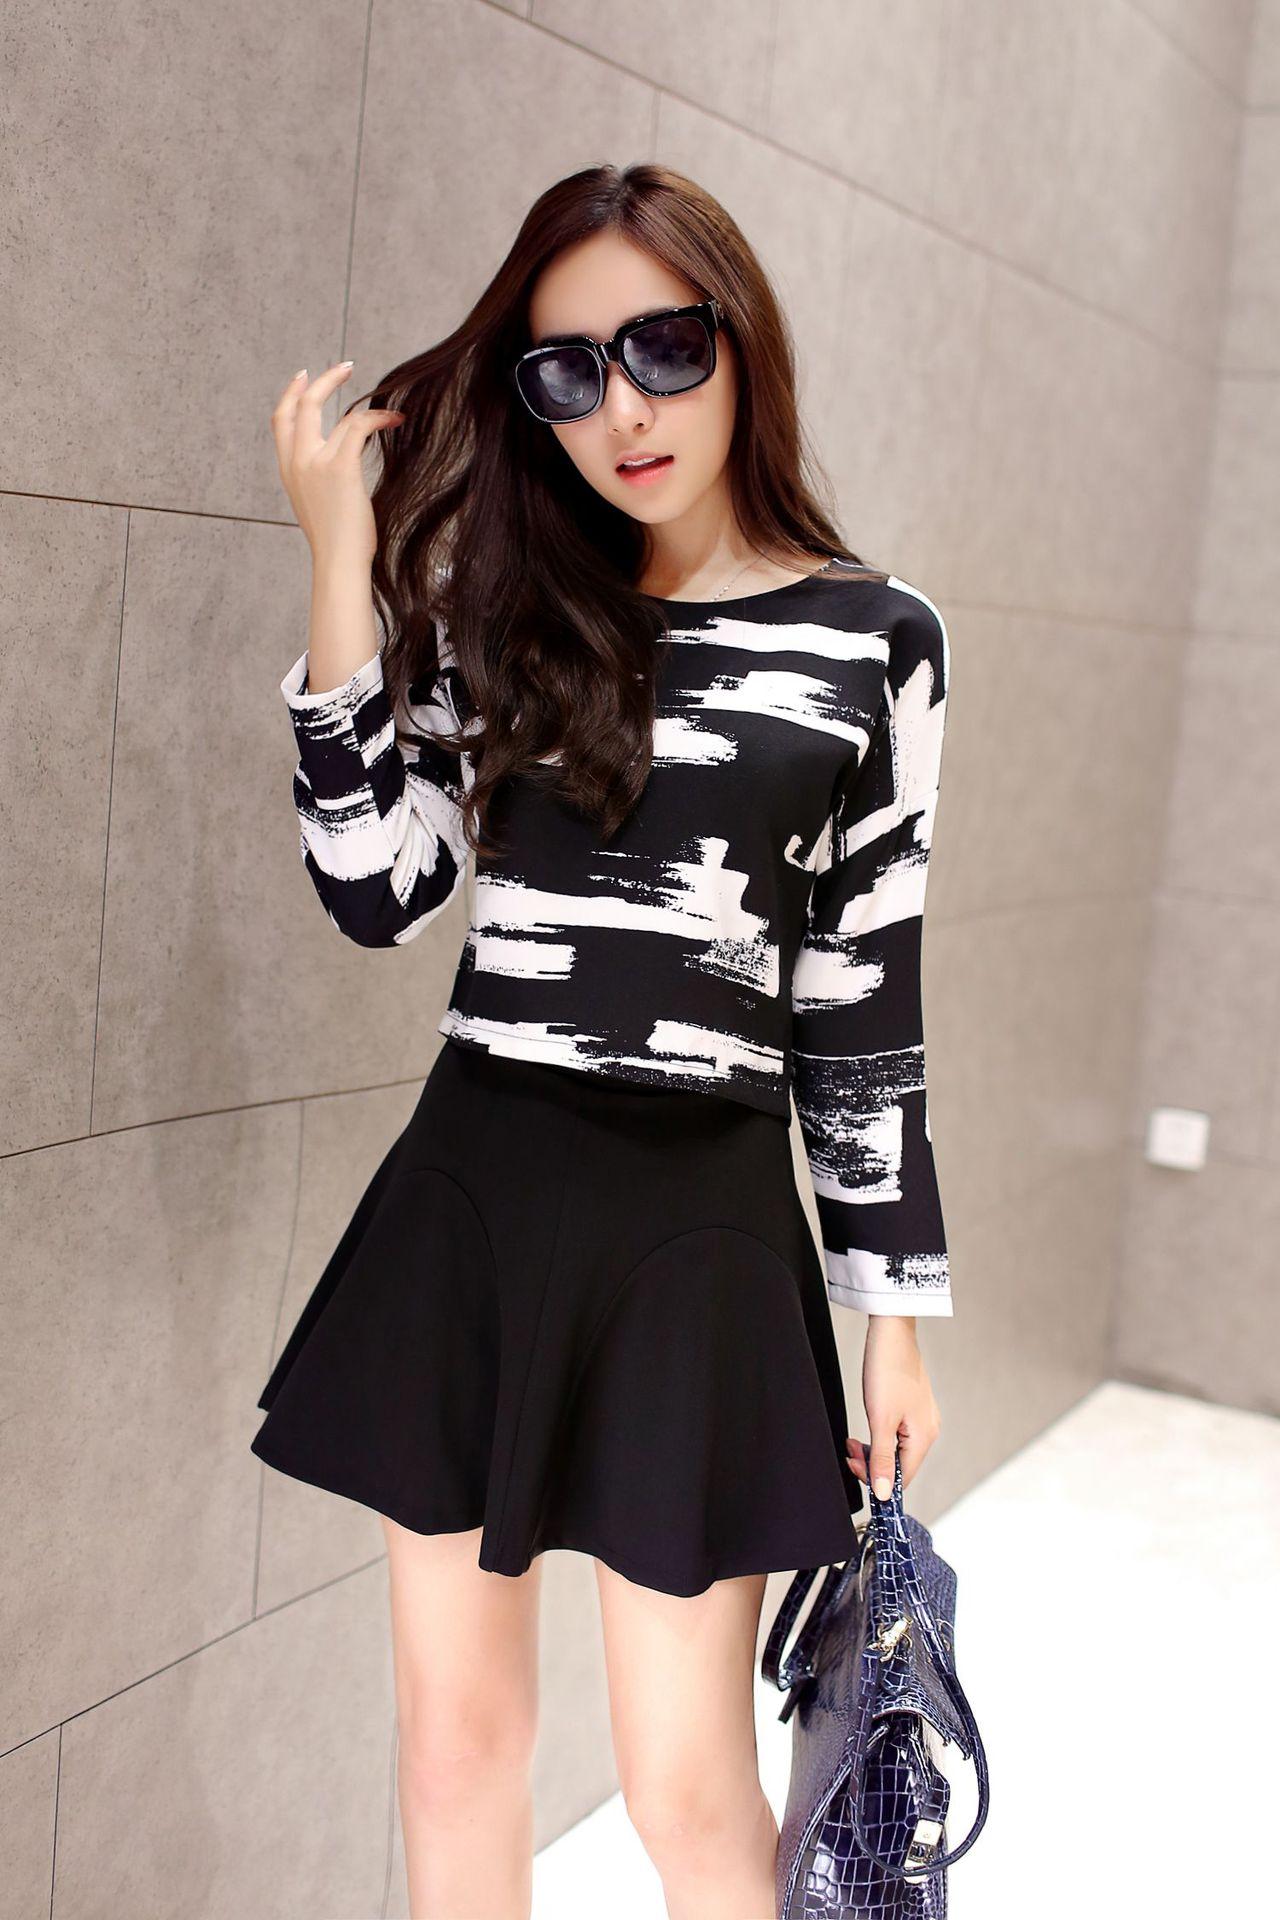 ชุดเซ็ท เสื้อ กระโปรง ตัวเสื้อ แขนยาว คอกลม พิมพ์ลาย กระโปรงสั้นสีดำ สวยเก๋